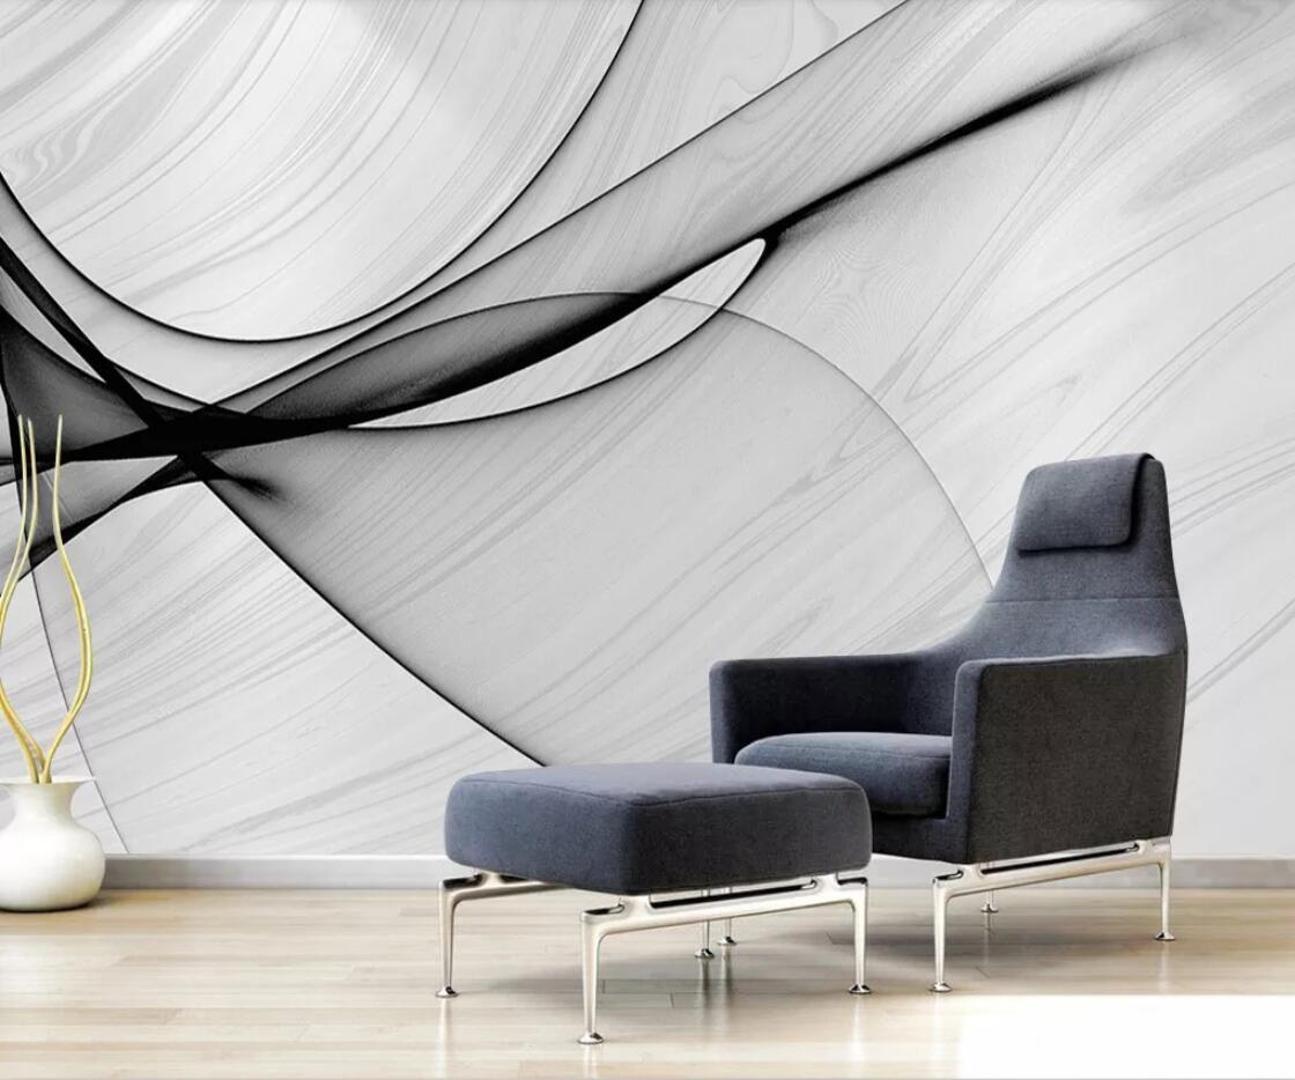 Abstract Marble Wallpaper Black White Mural Wall Art 3d Papel De Pared Dormitorio Restaurante Murales Papel De Contacto Papel De Parede 3d